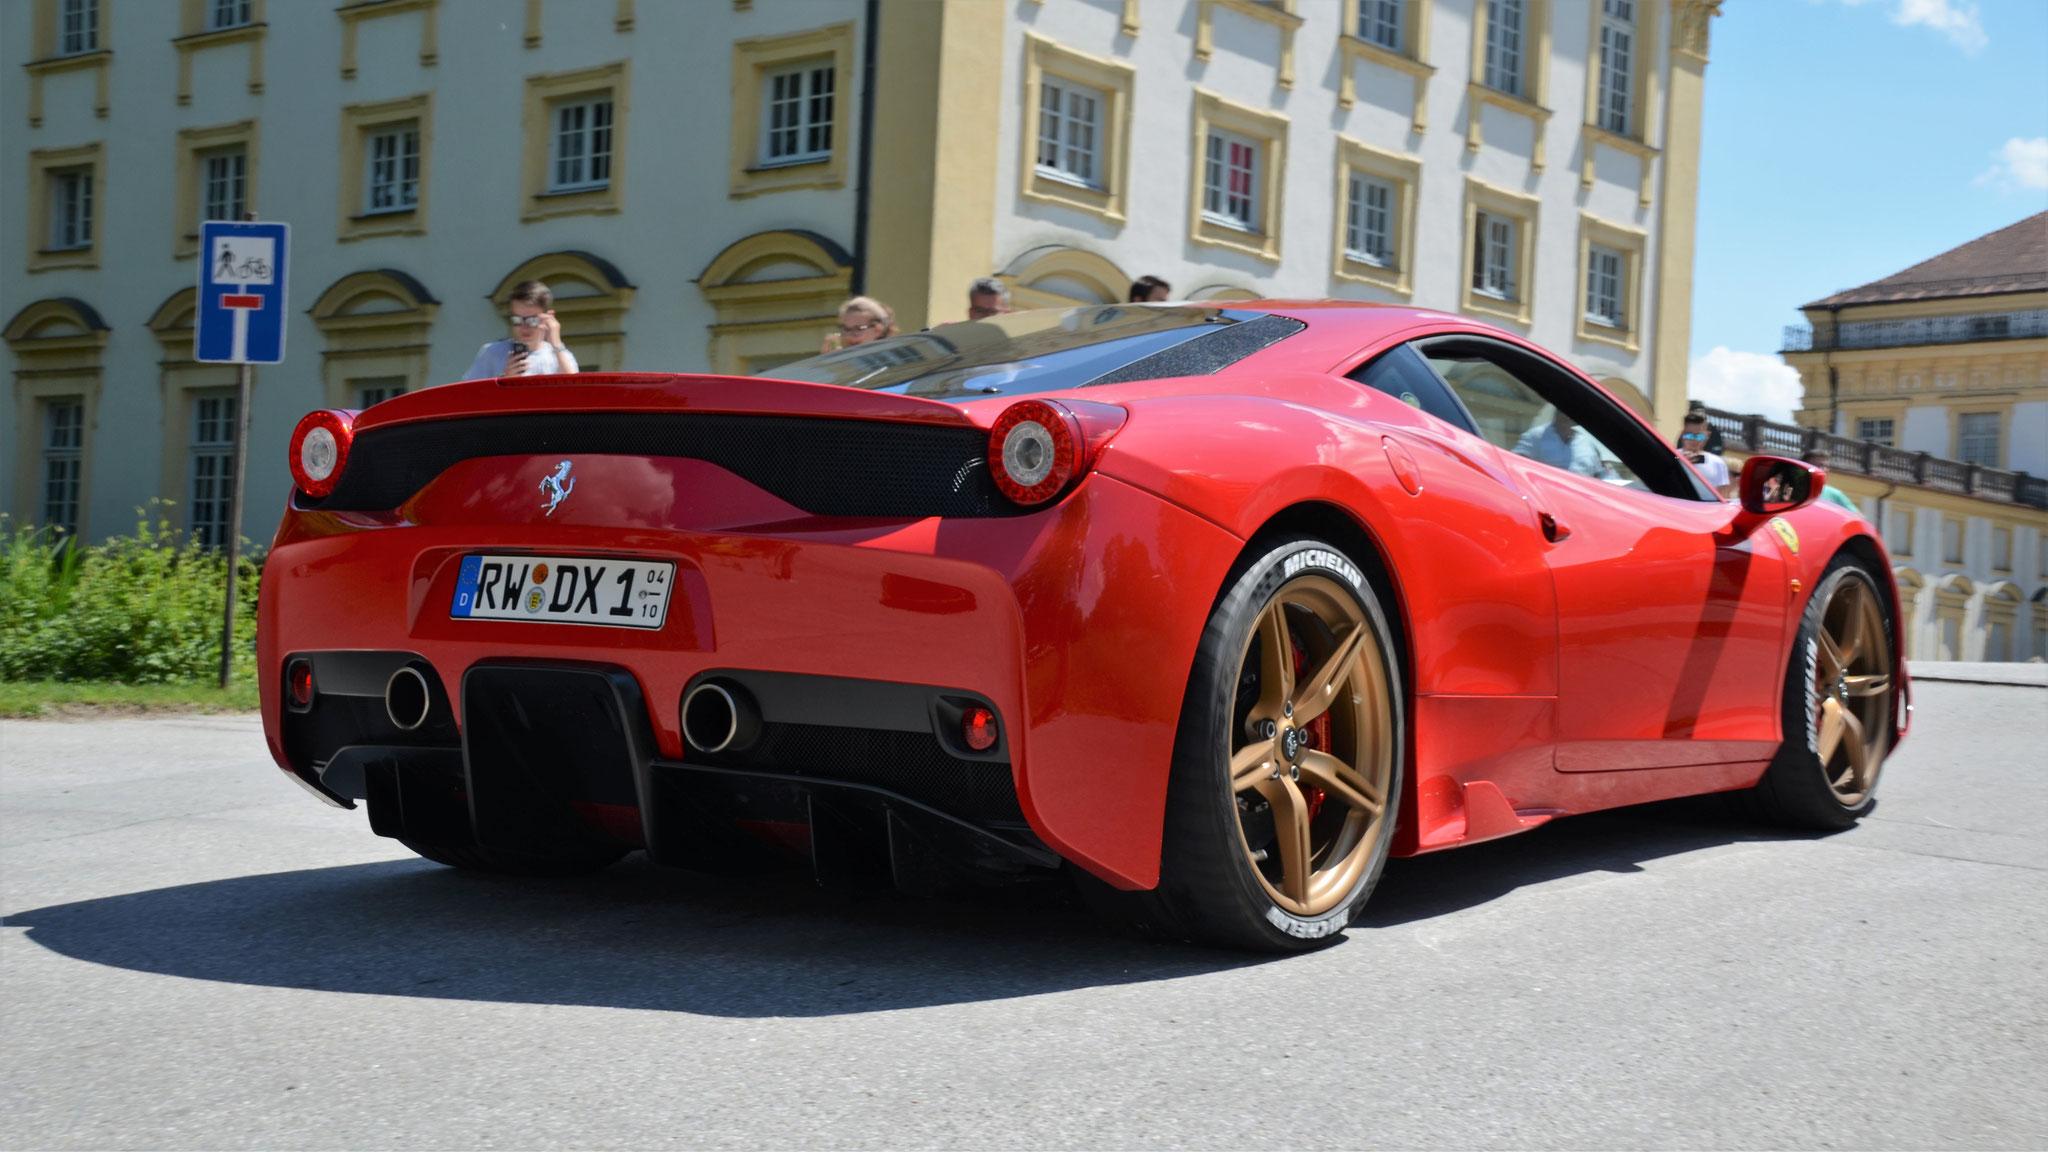 Ferrari 458 Speciale - RW-DX-1